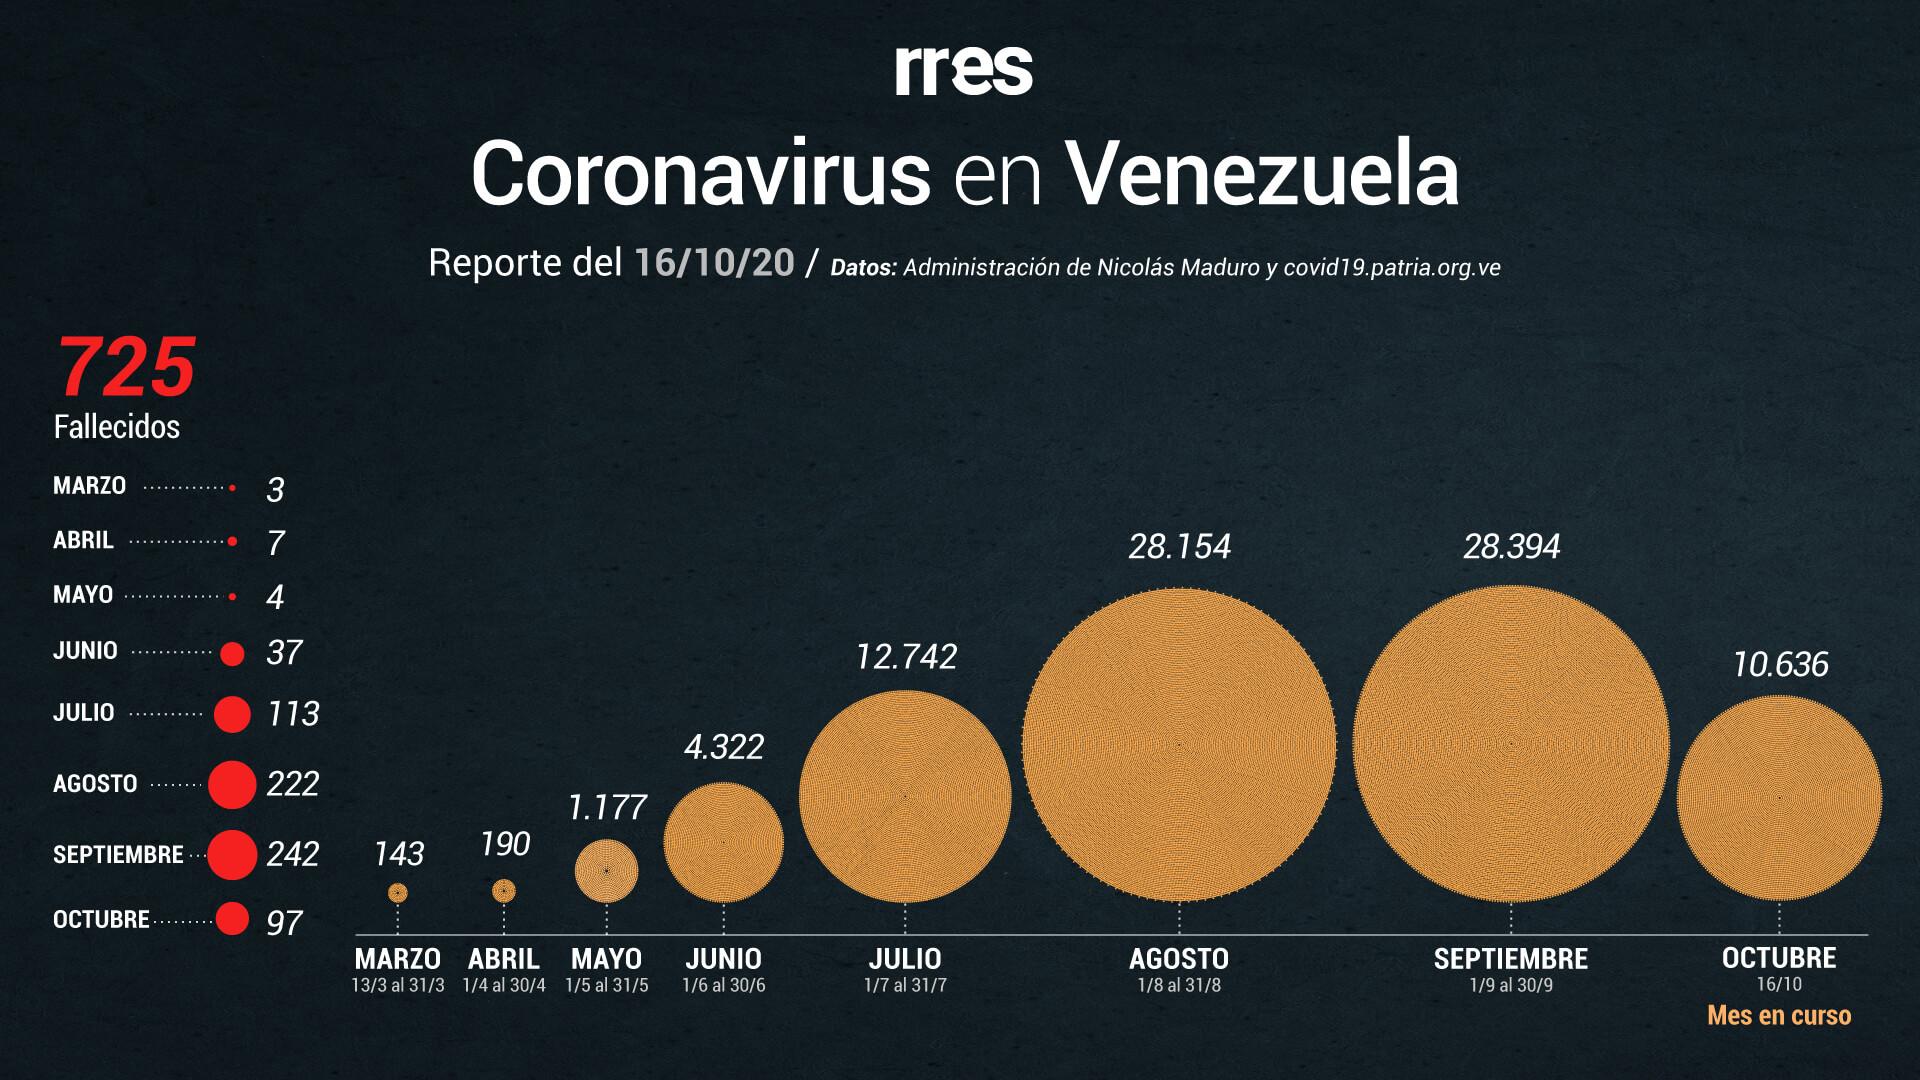 Gobierno reporta significativa baja en contagios por COVID-19 este #16Oct